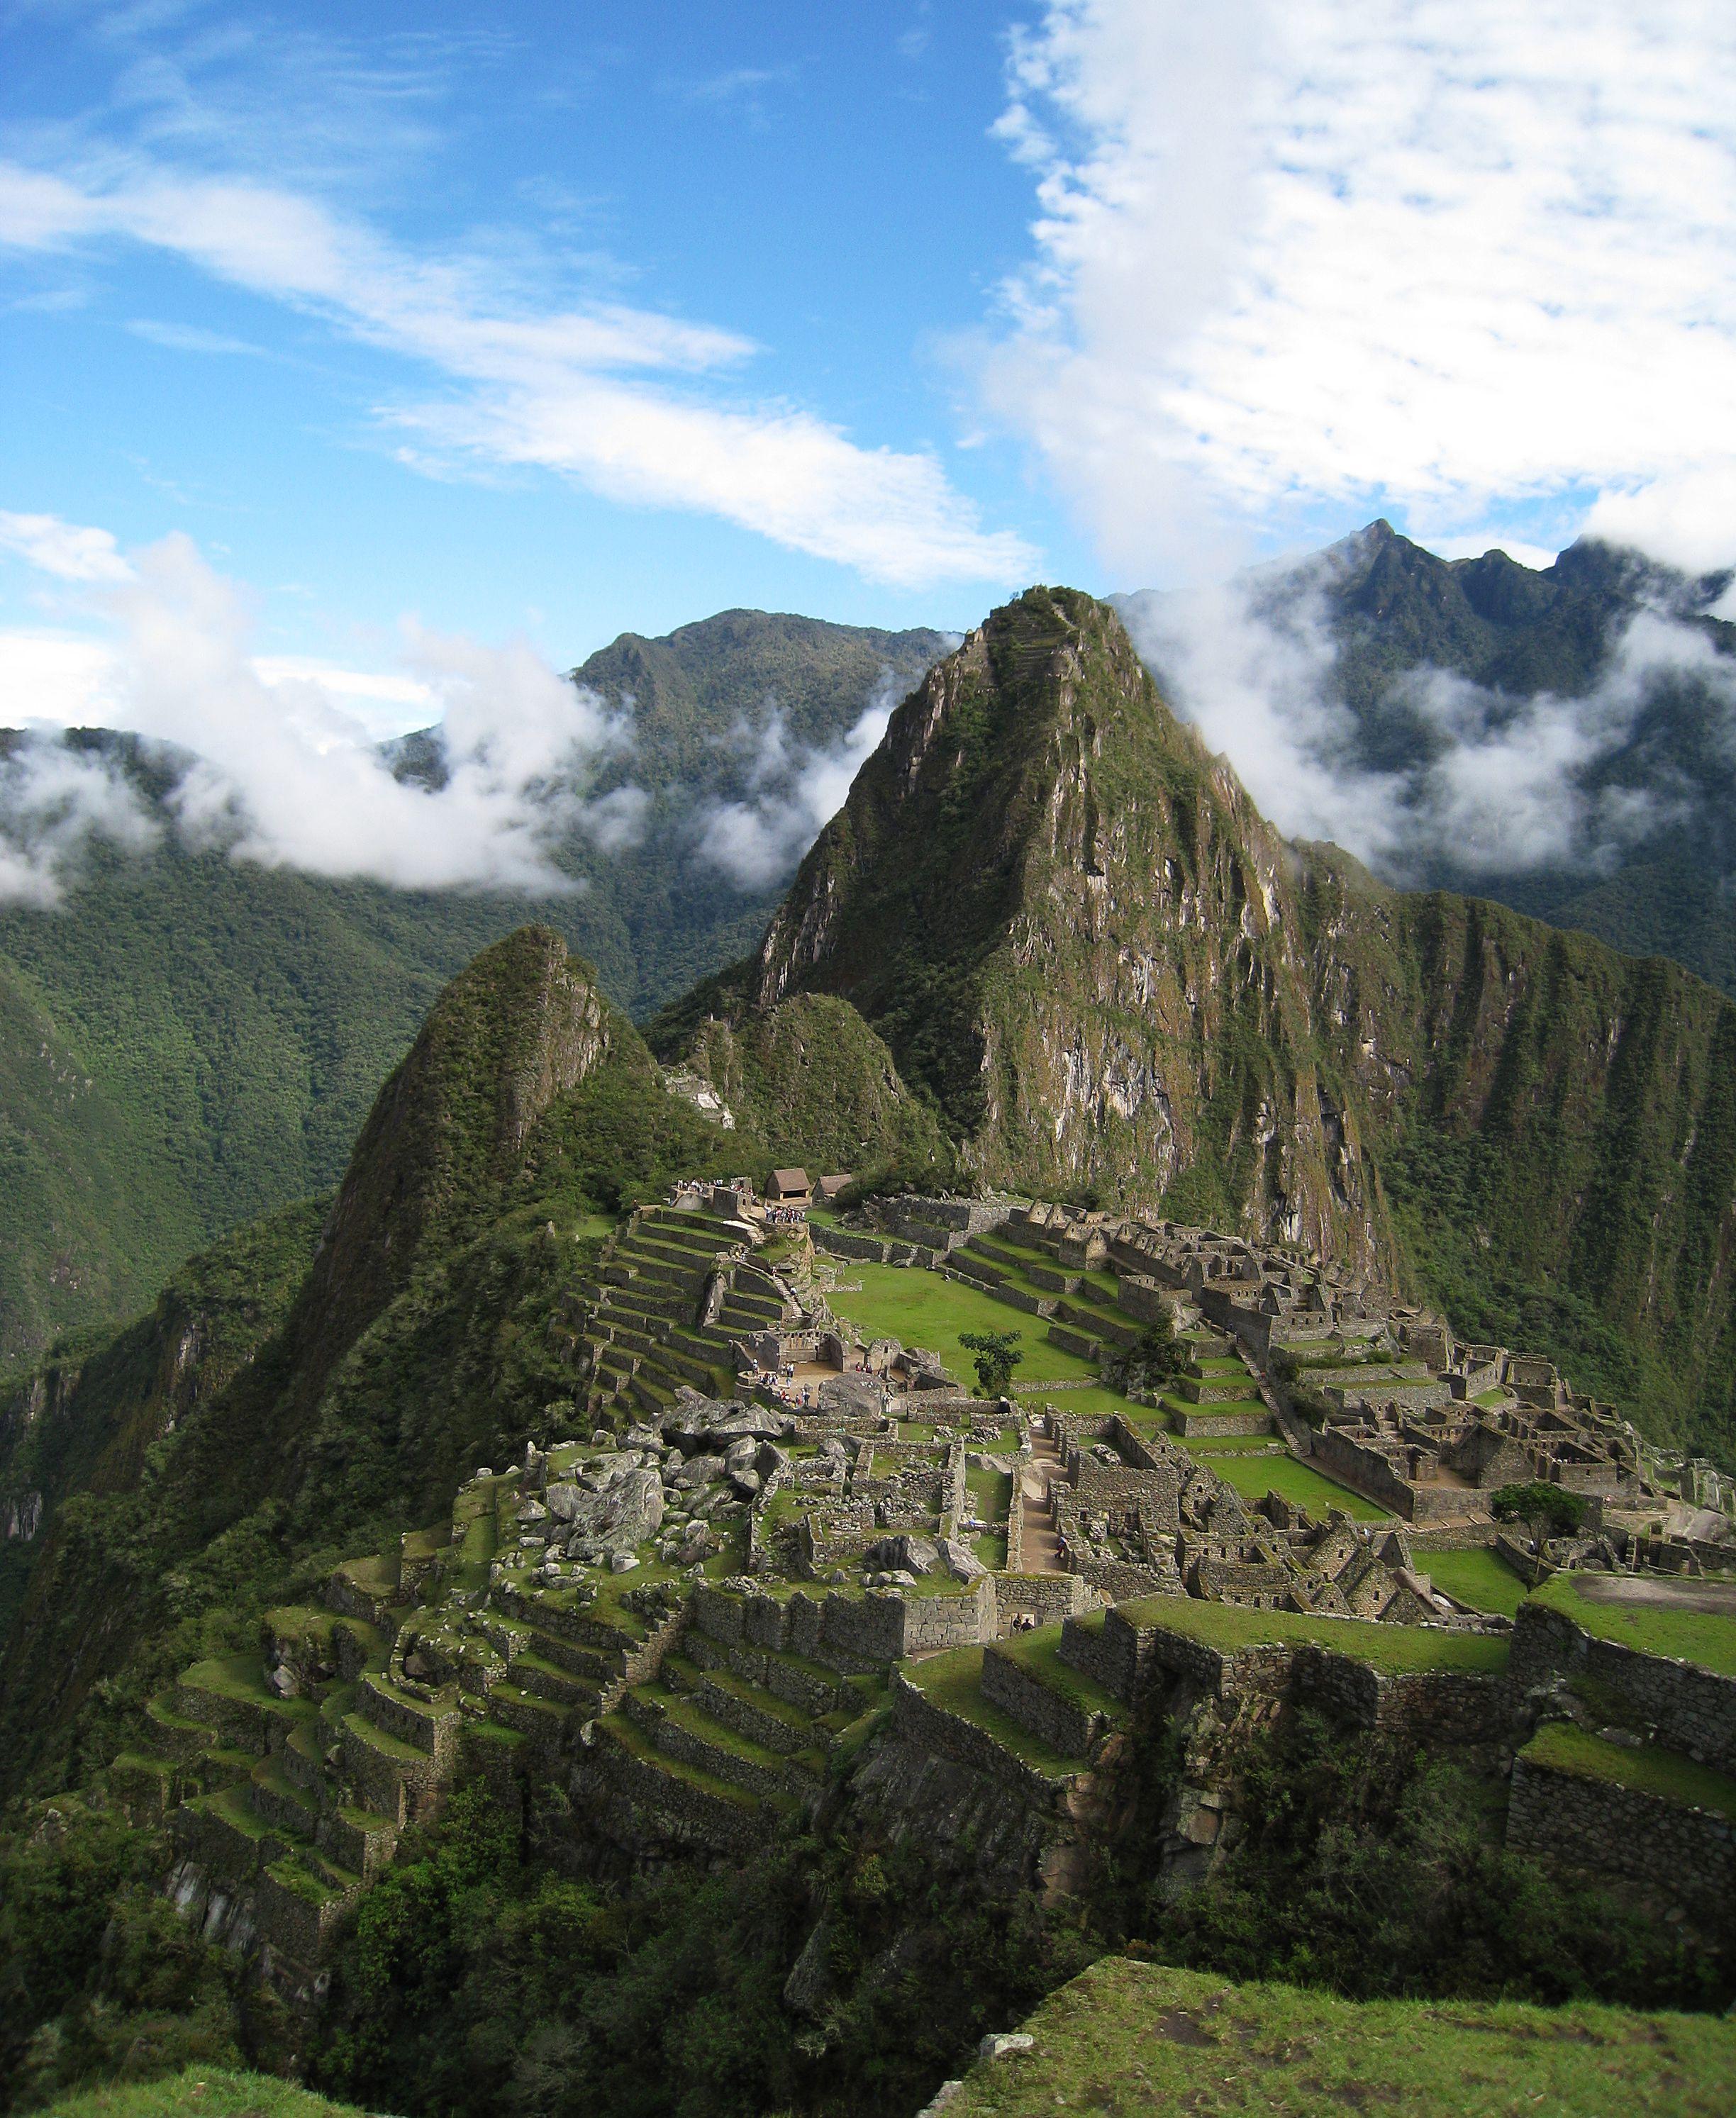 معلومات عن حضارة الانكا The-Inca-of-Peru-have-long-held-a-mystical-fascination-for-people-of-the-western-world